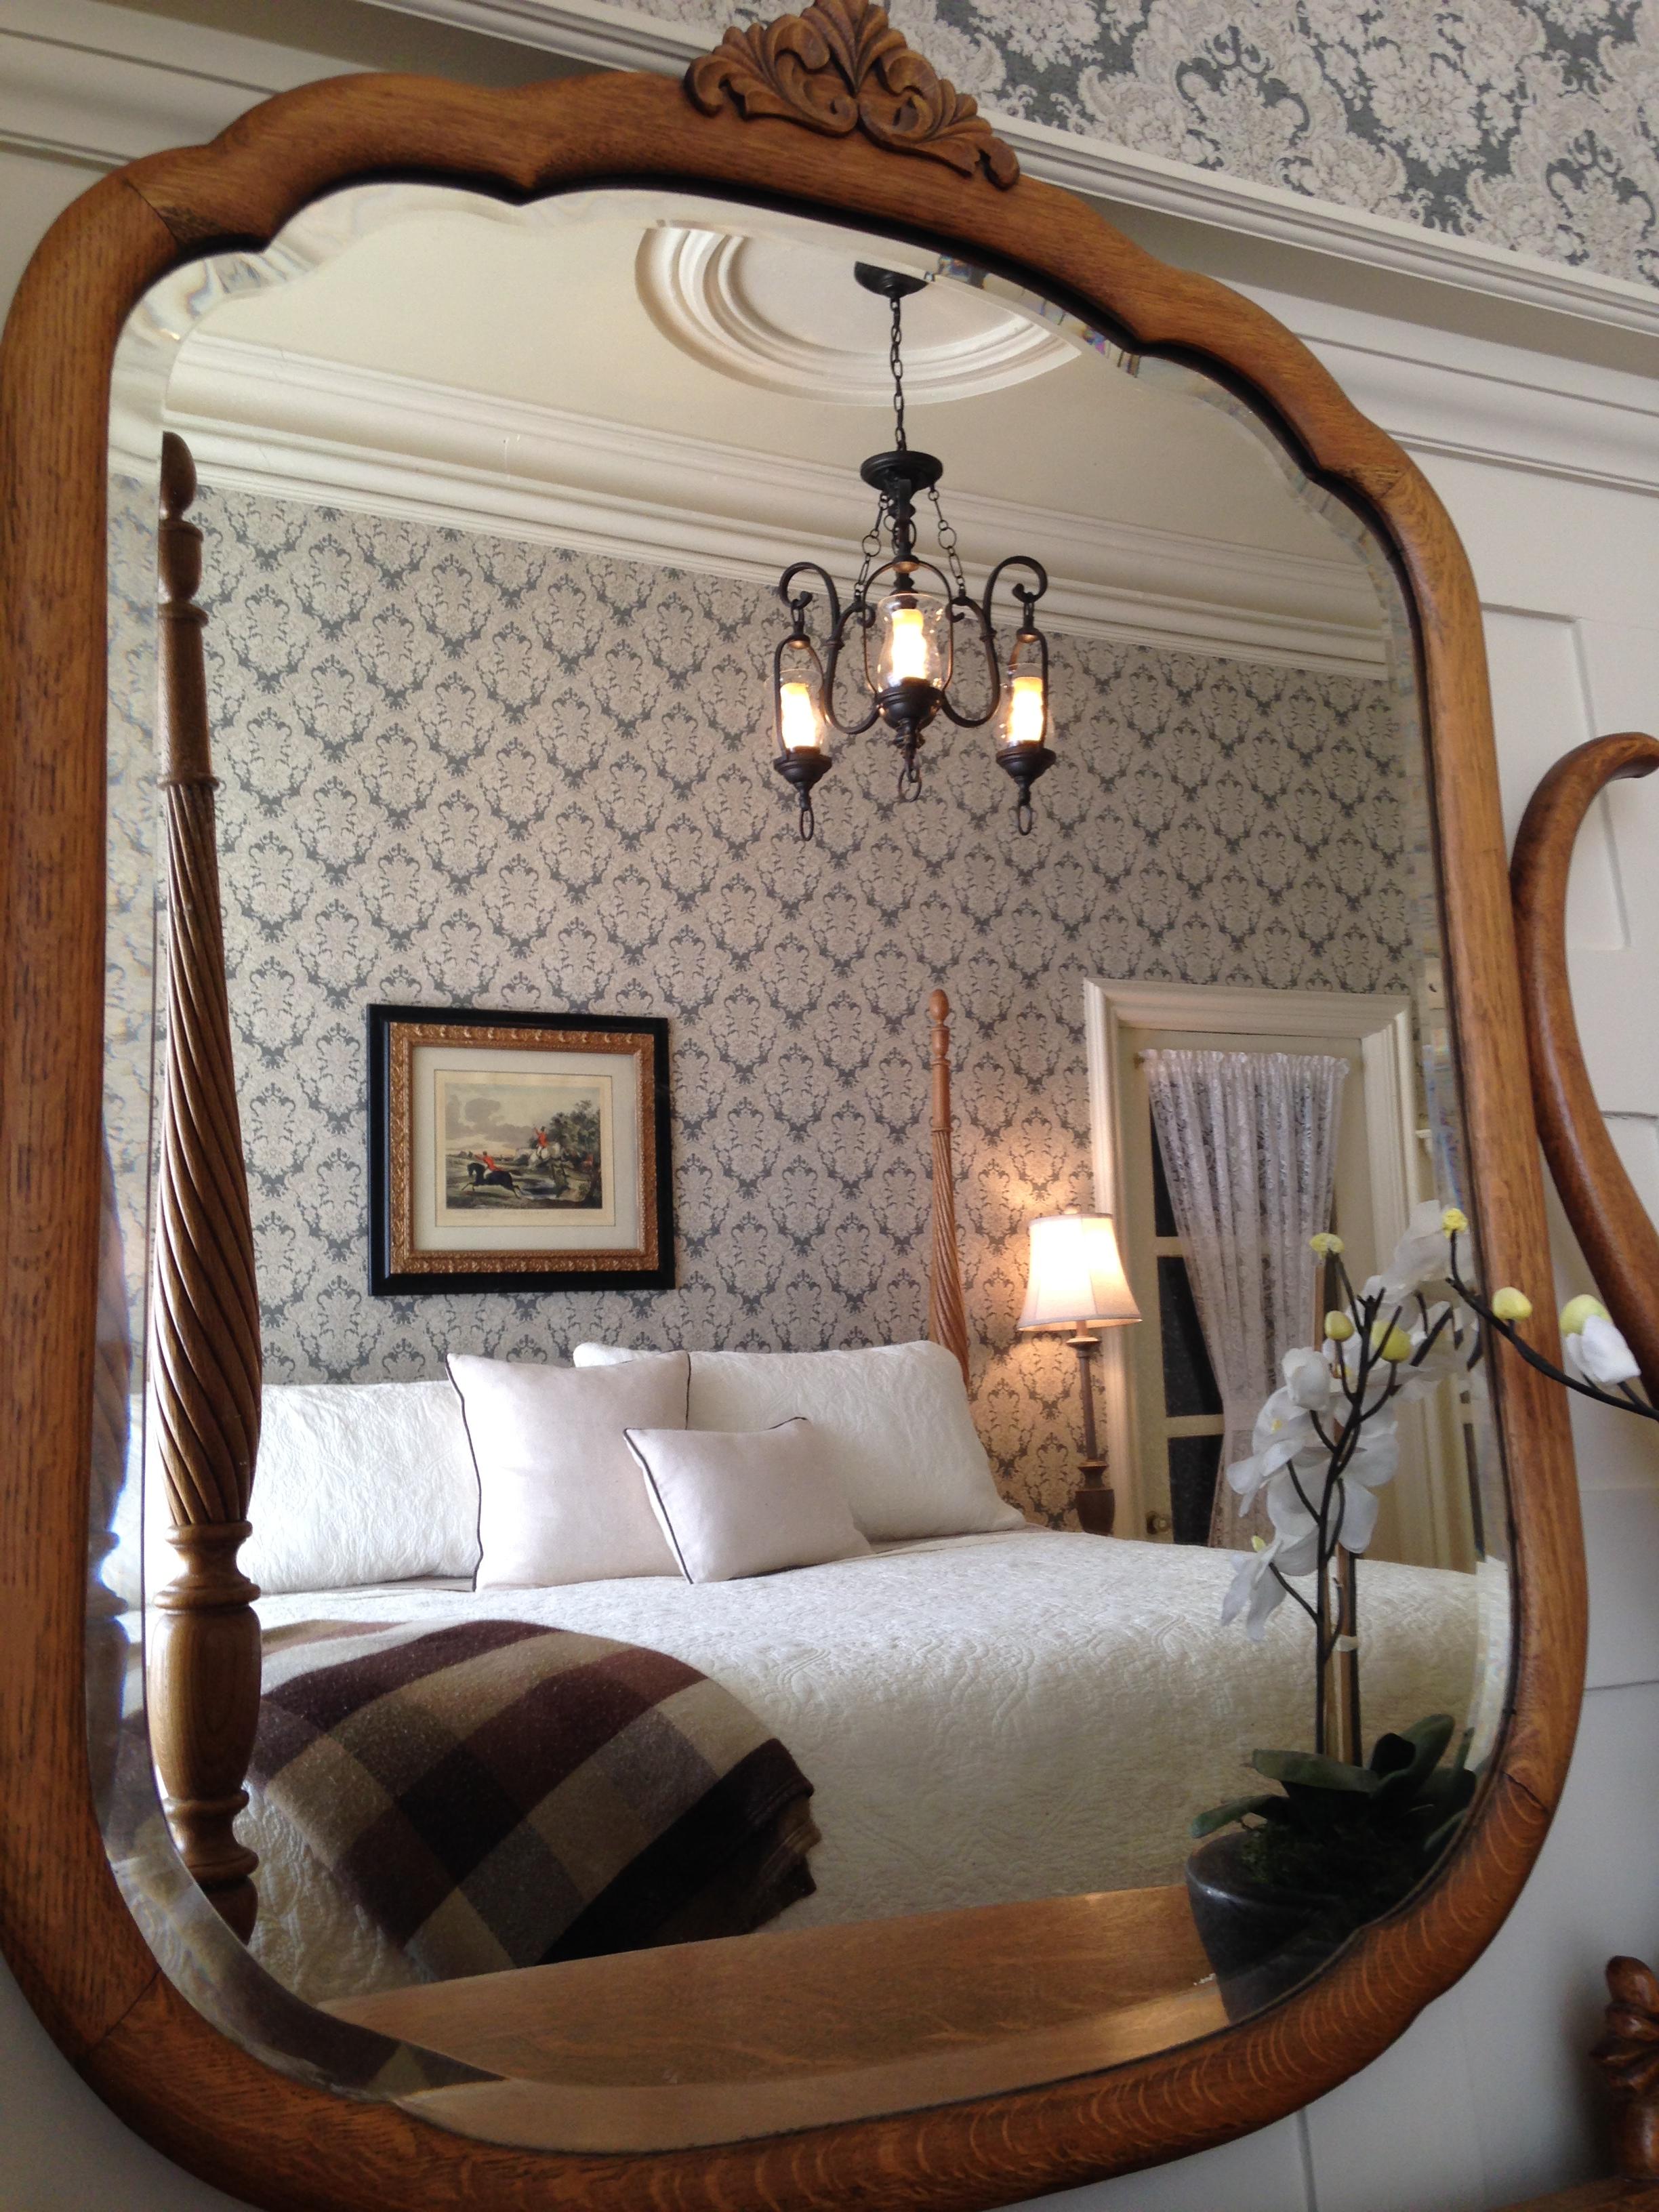 Elegant styling and furnishing